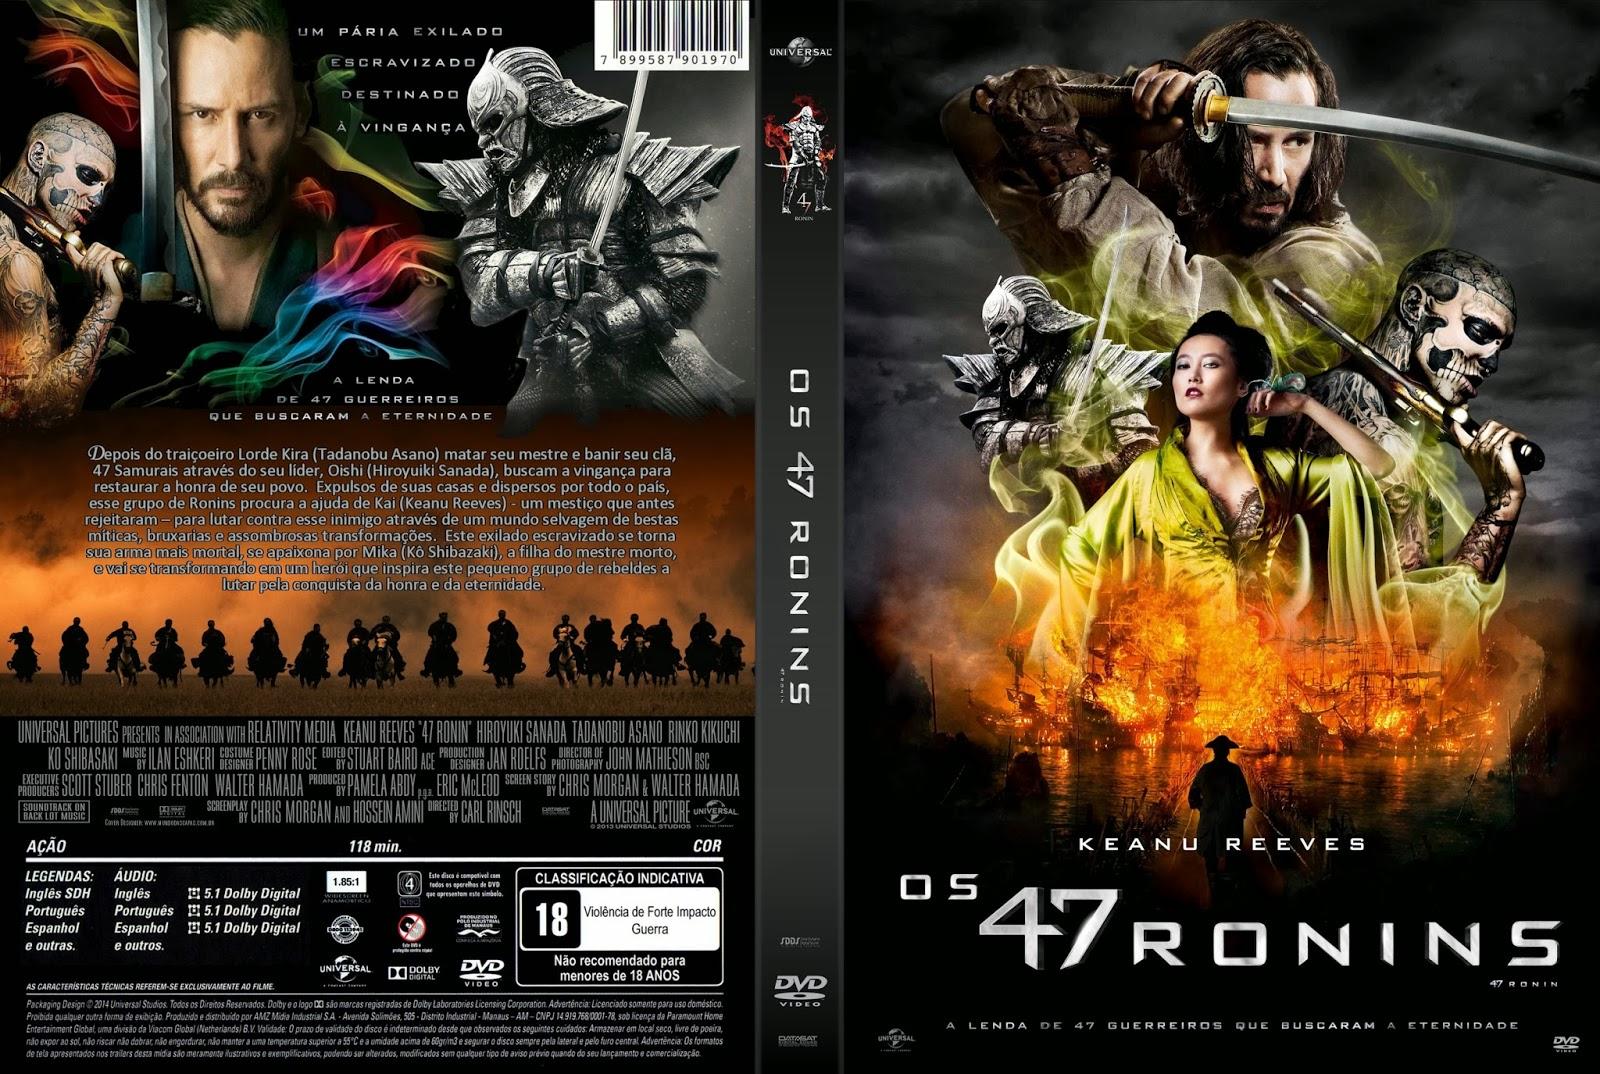 47 Ronins DVD-R Os 47 Ronins